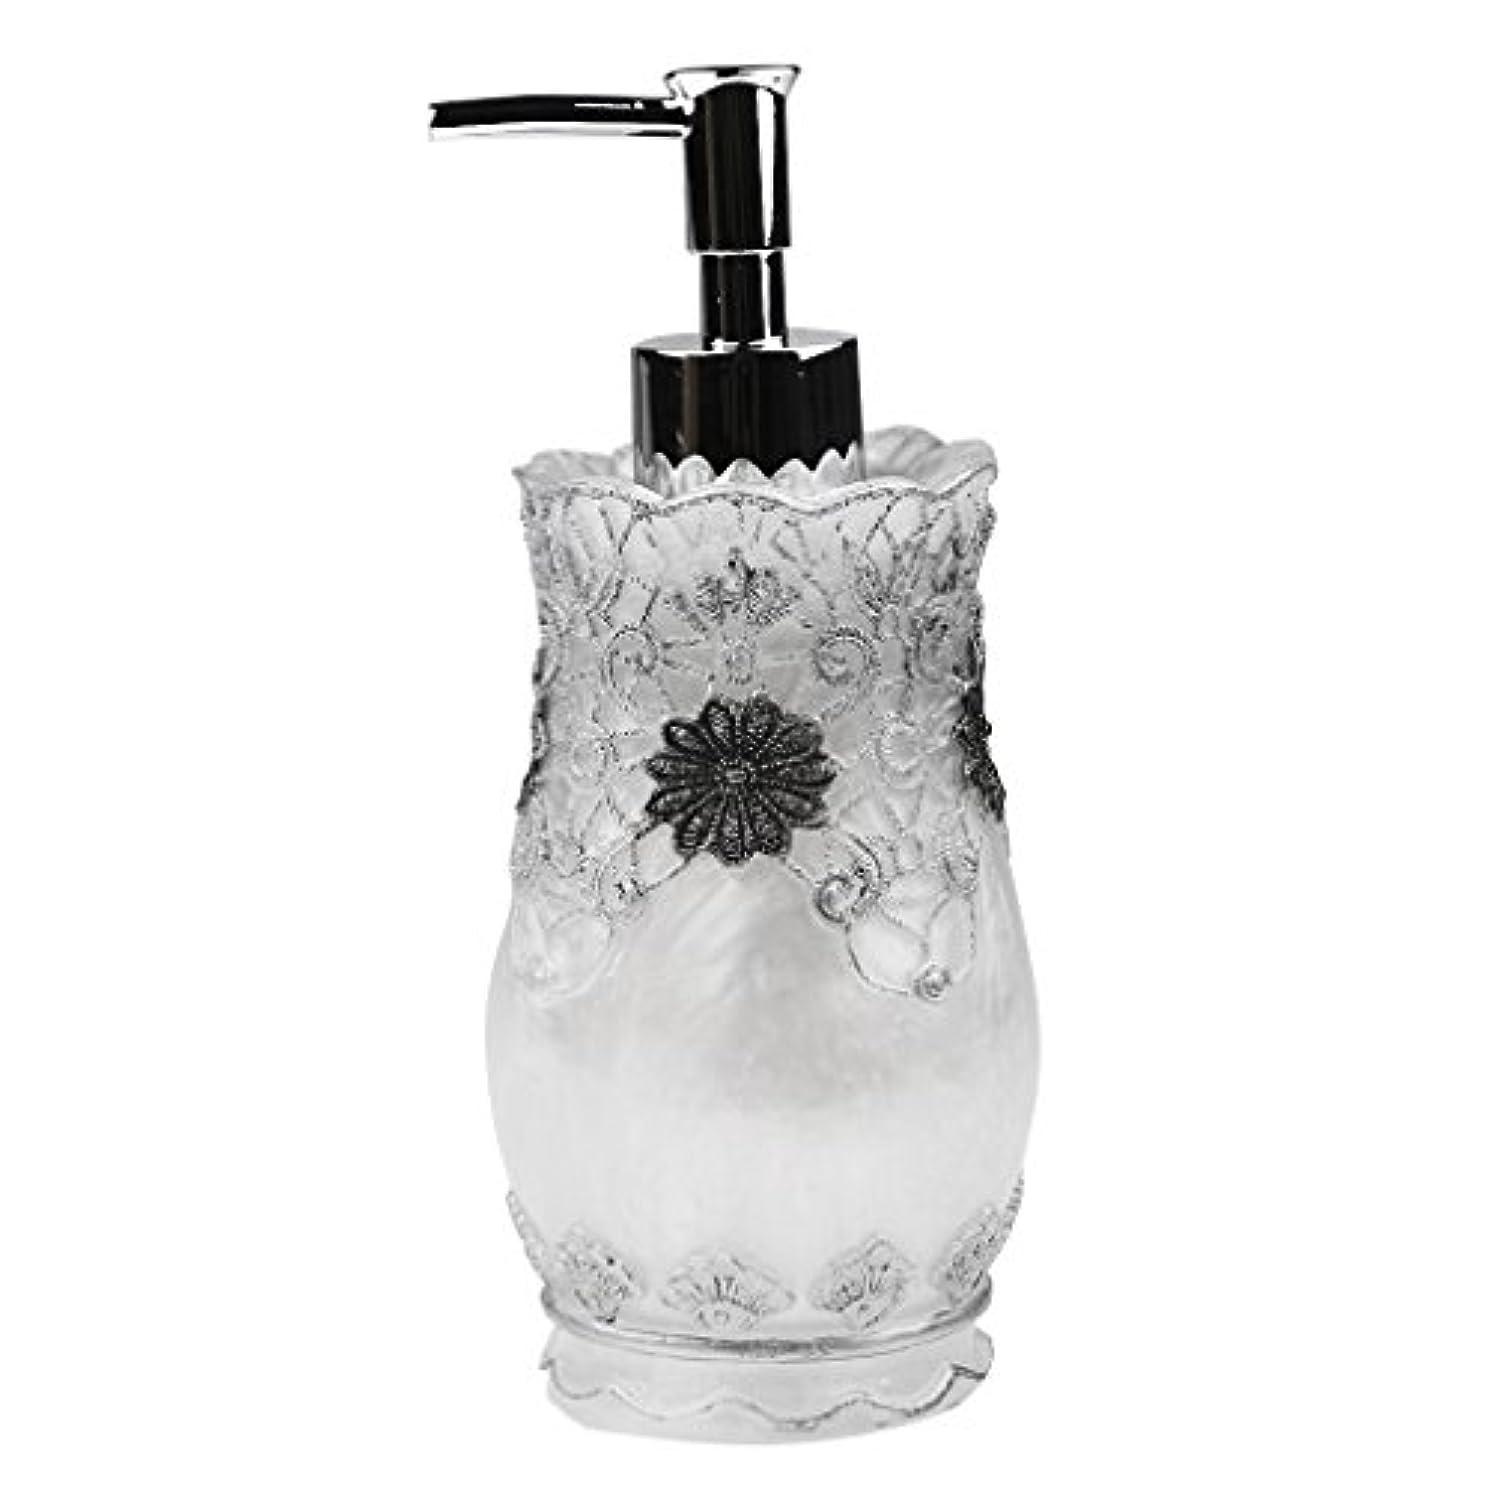 虐待社交的が欲しい空 詰め替え ポンプ 瓶 シャンプー ボディークレンザー 液体石鹸などローション適用 全4種類 - #2